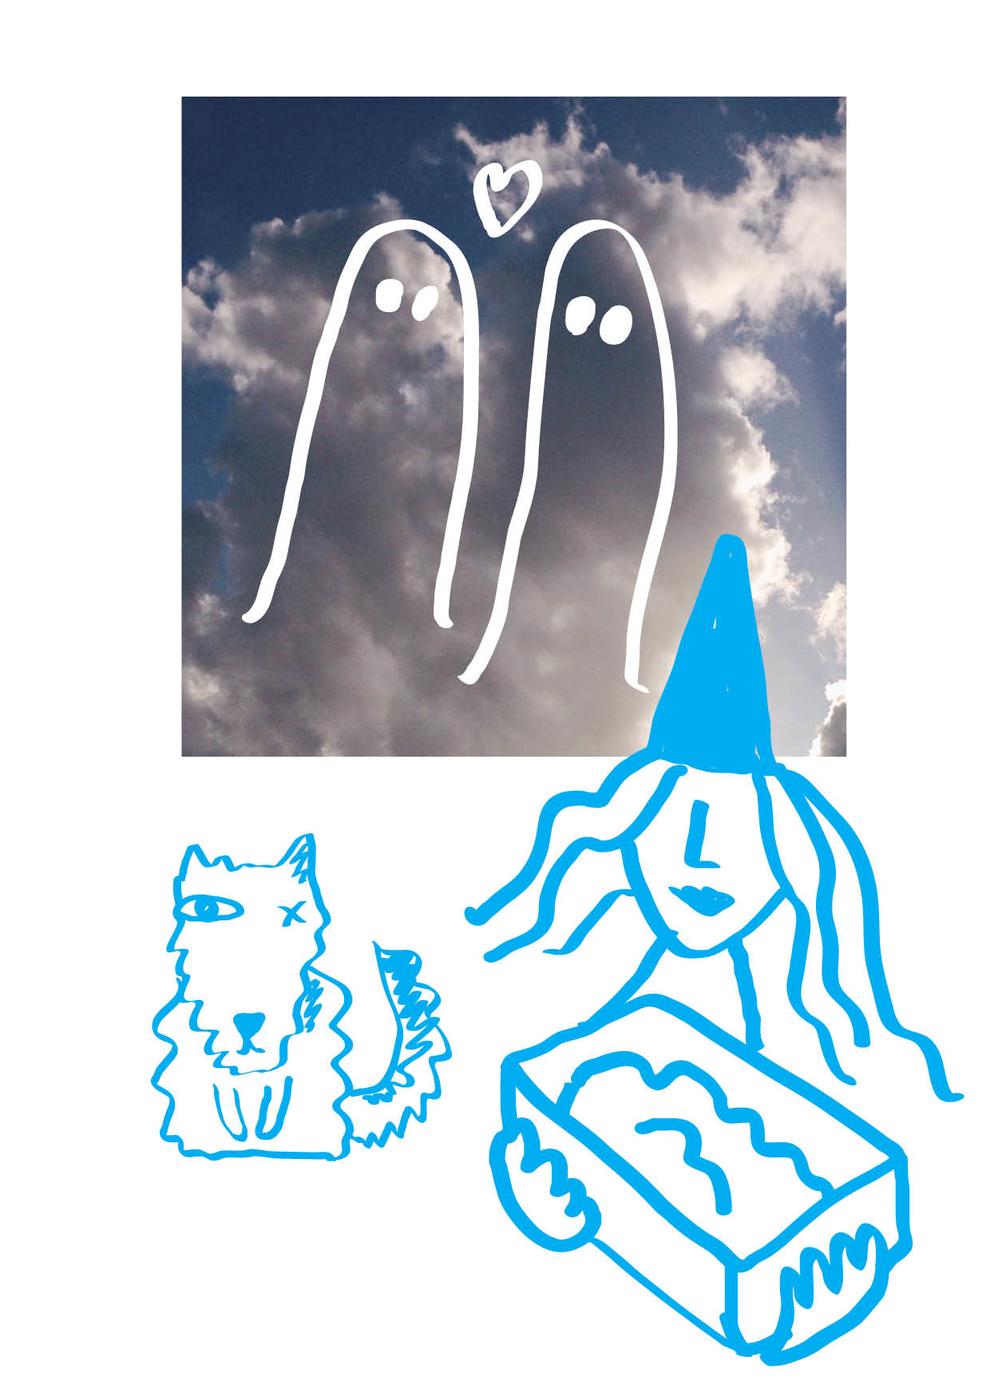 Graphic_novel7.jpg